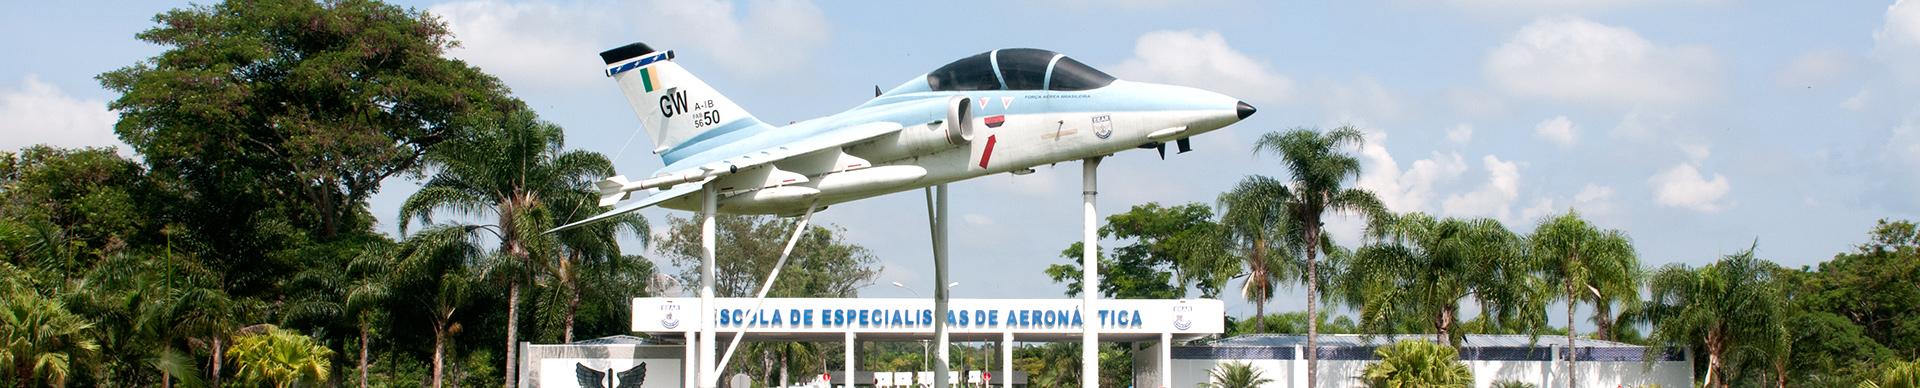 Escola de Especialistas de Aeronáutica